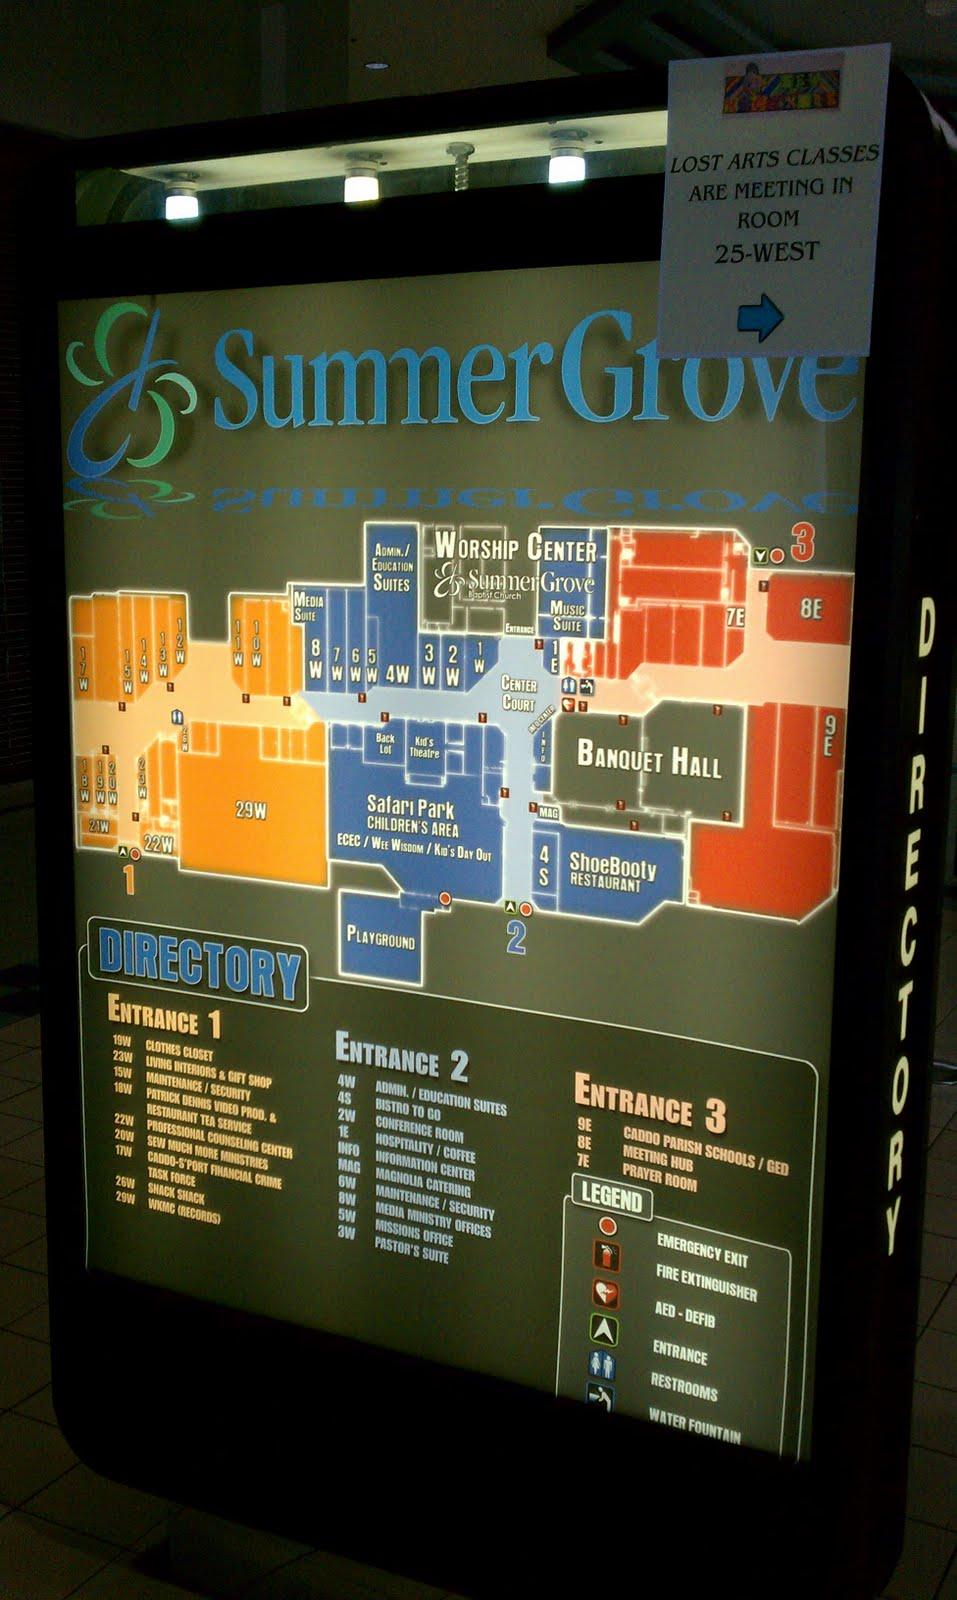 Mall Of Louisiana Directory : louisiana, directory, Louisiana, Texas, Retail, Blogspot:, South, Shreveport, (Summer, Grove, Baptist, Church)